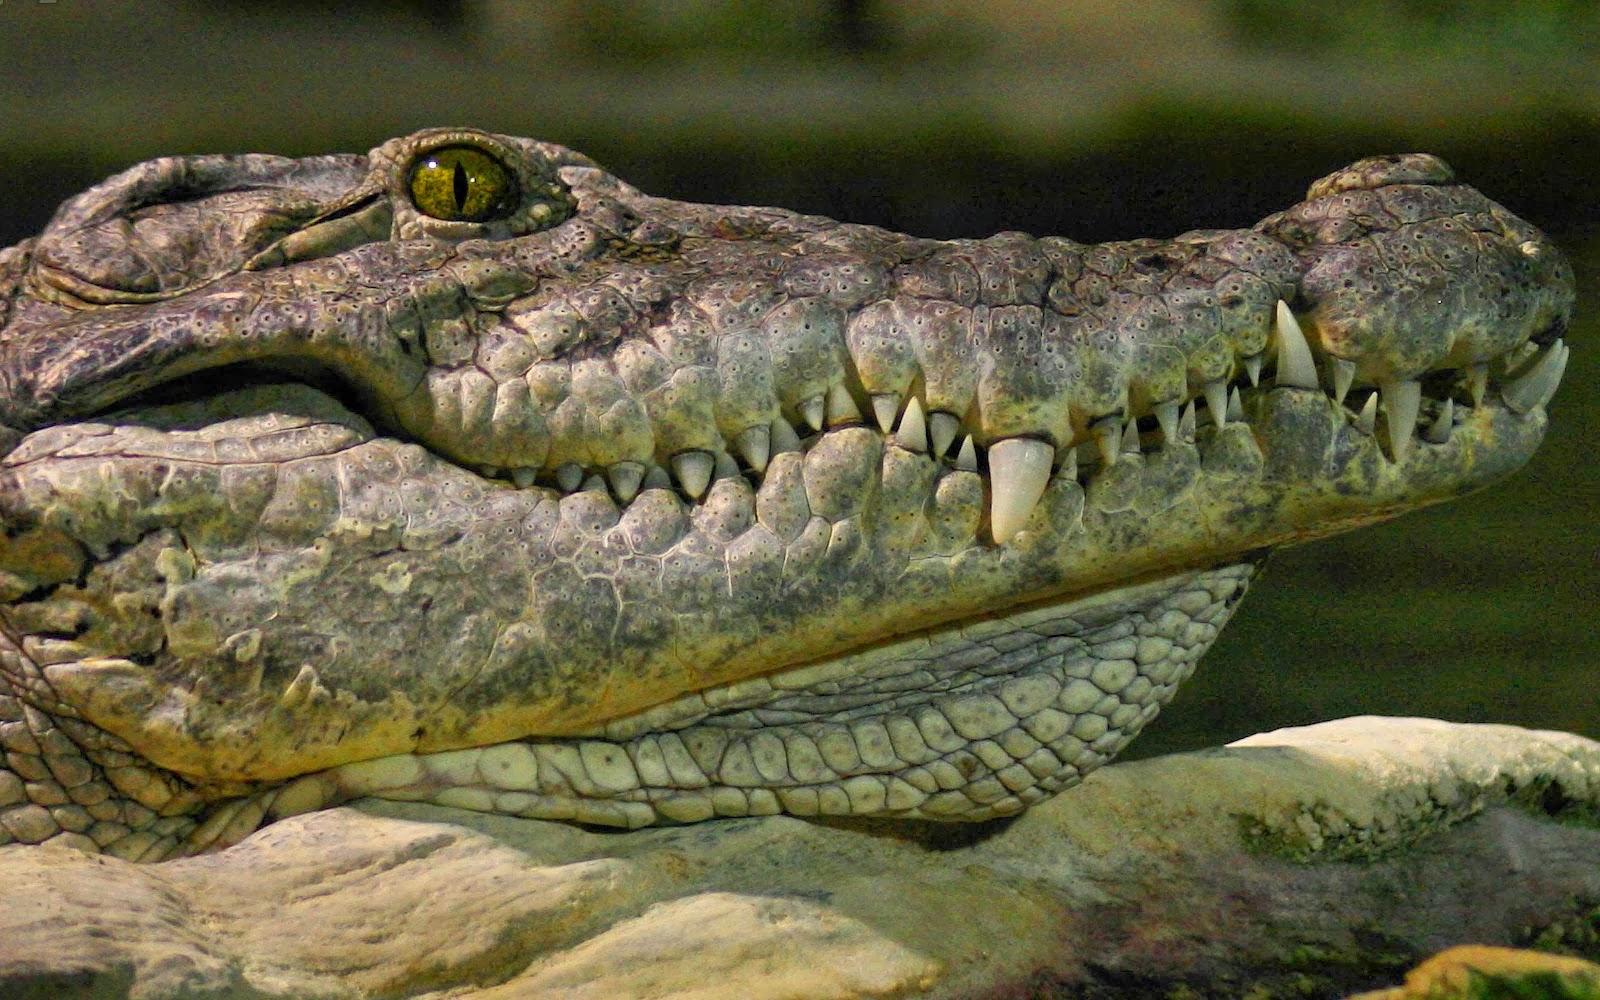 Crocodile Photos